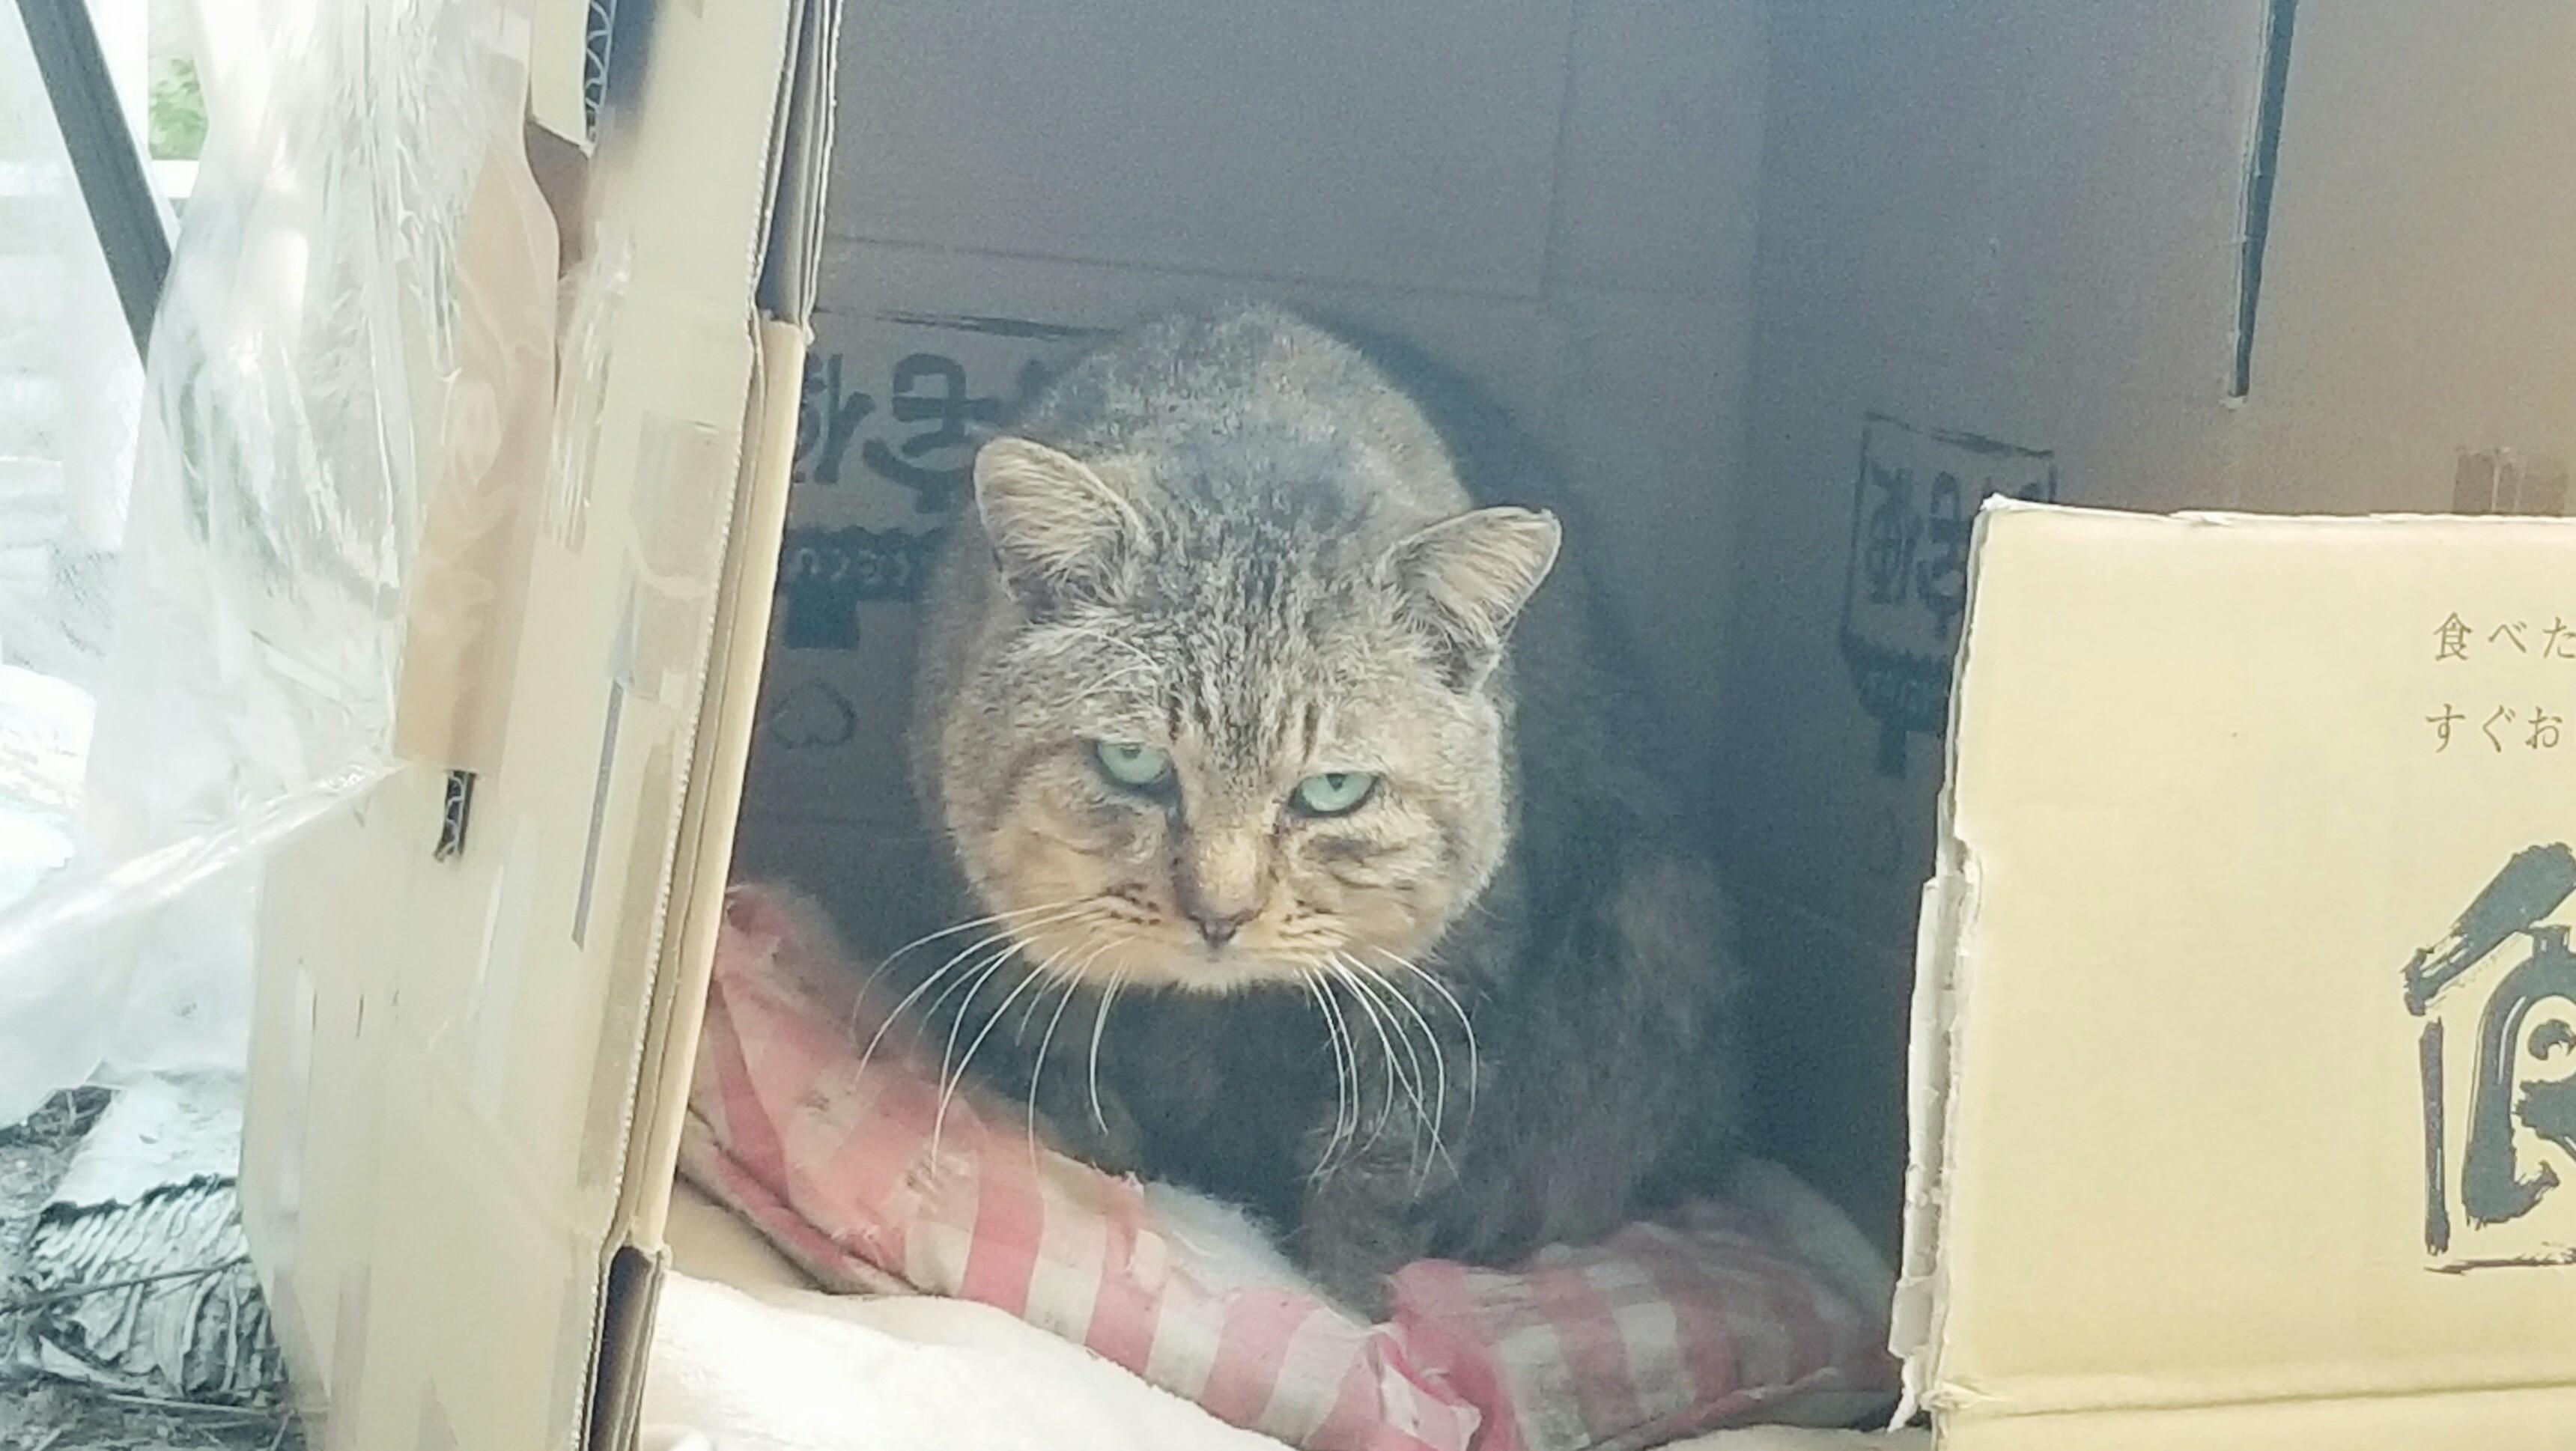 三白眼の野良猫冬餌やり保護ブログうろうろオスブサカワ飼う老衰